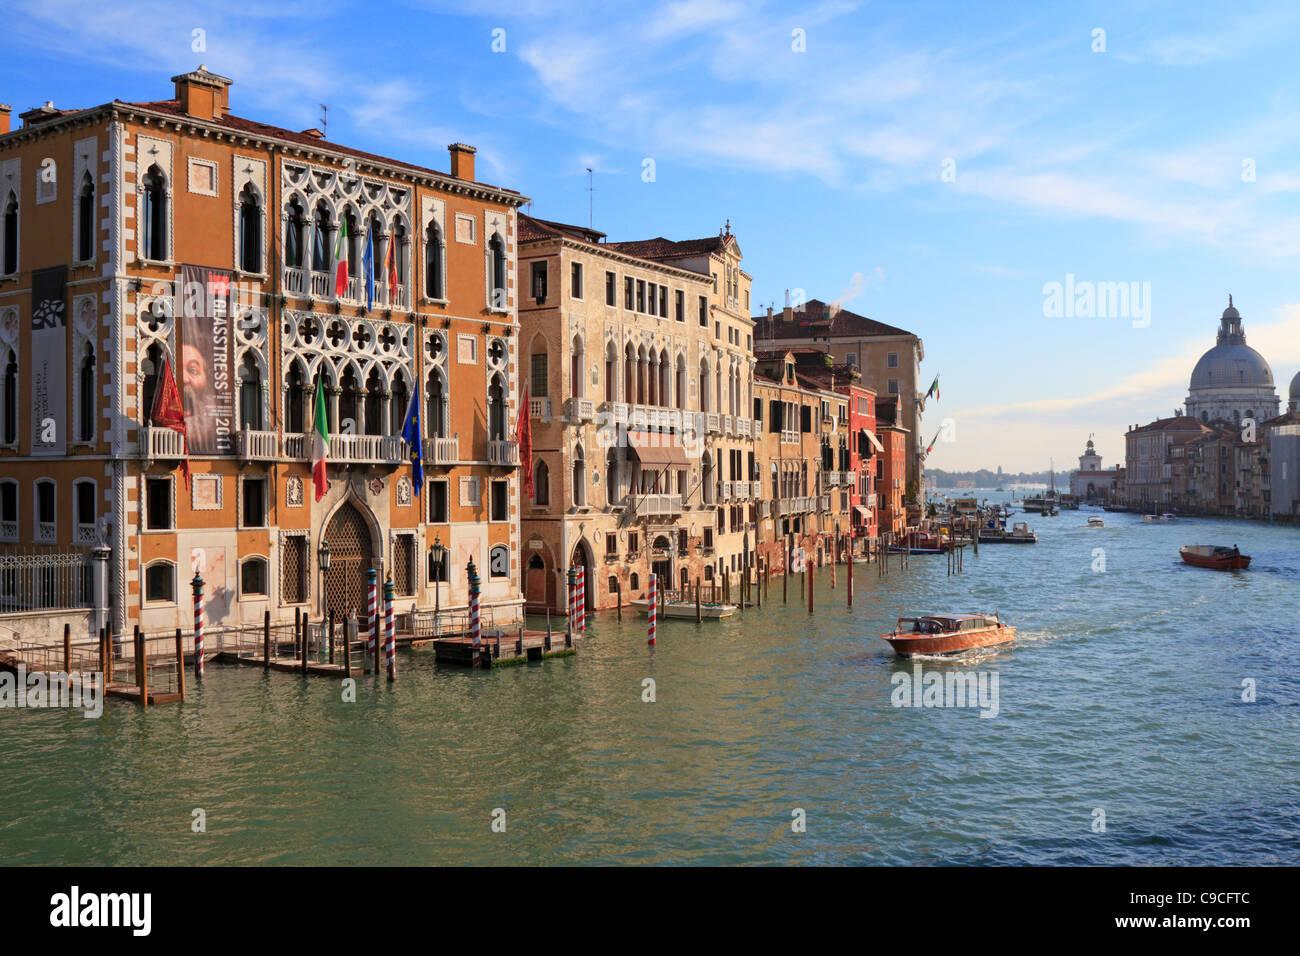 Istituto Veneto di Scienze, Lettere e Arti, Palazzo Cavalli Franchetti dal Canal Grande a Venezia, Italia, Europa. Immagini Stock